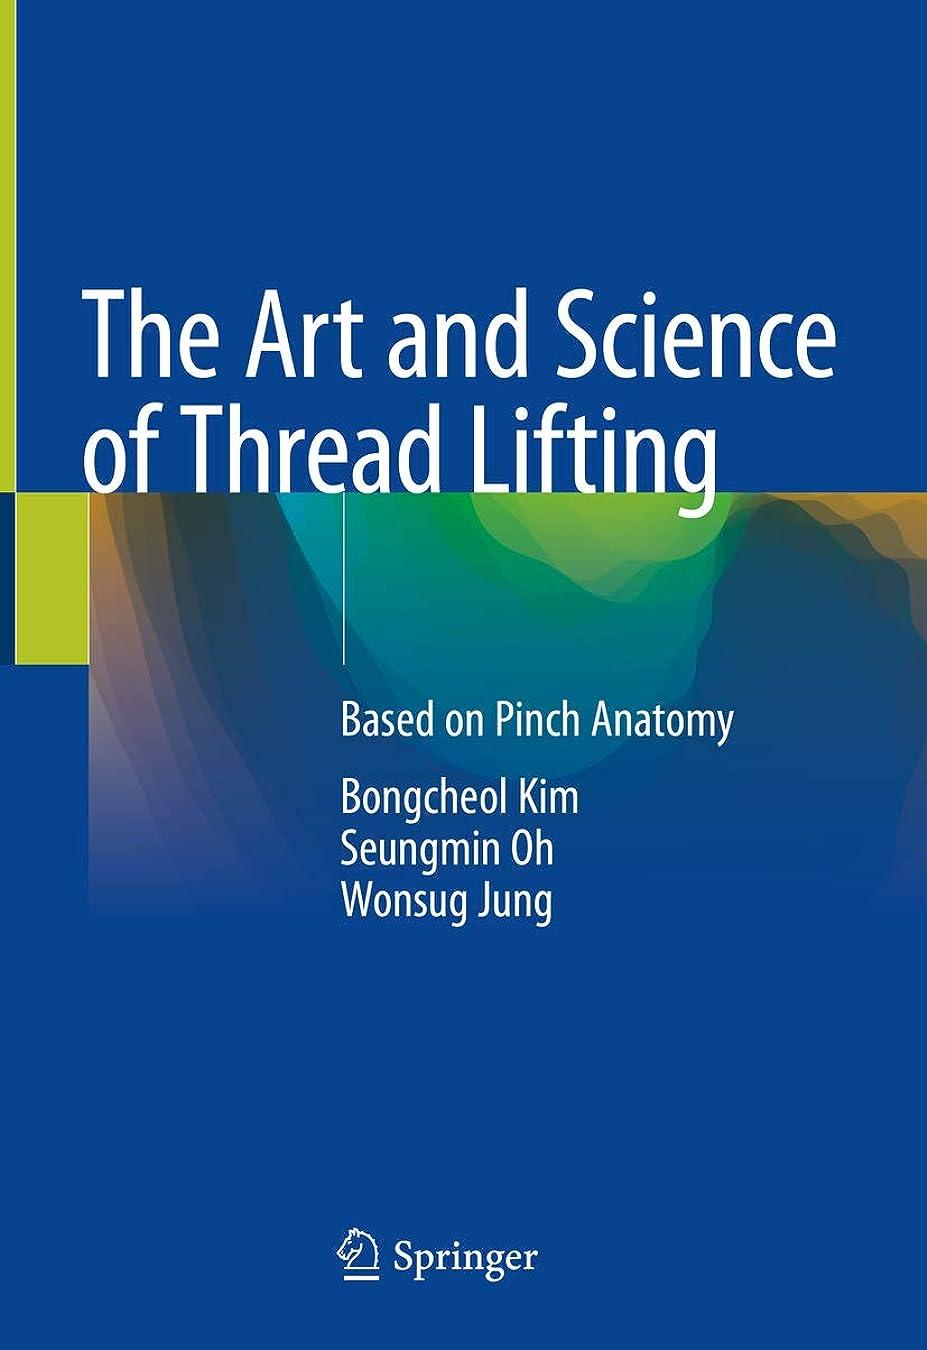 マティス足音特権The Art and Science of Thread Lifting: Based on Pinch Anatomy (English Edition)